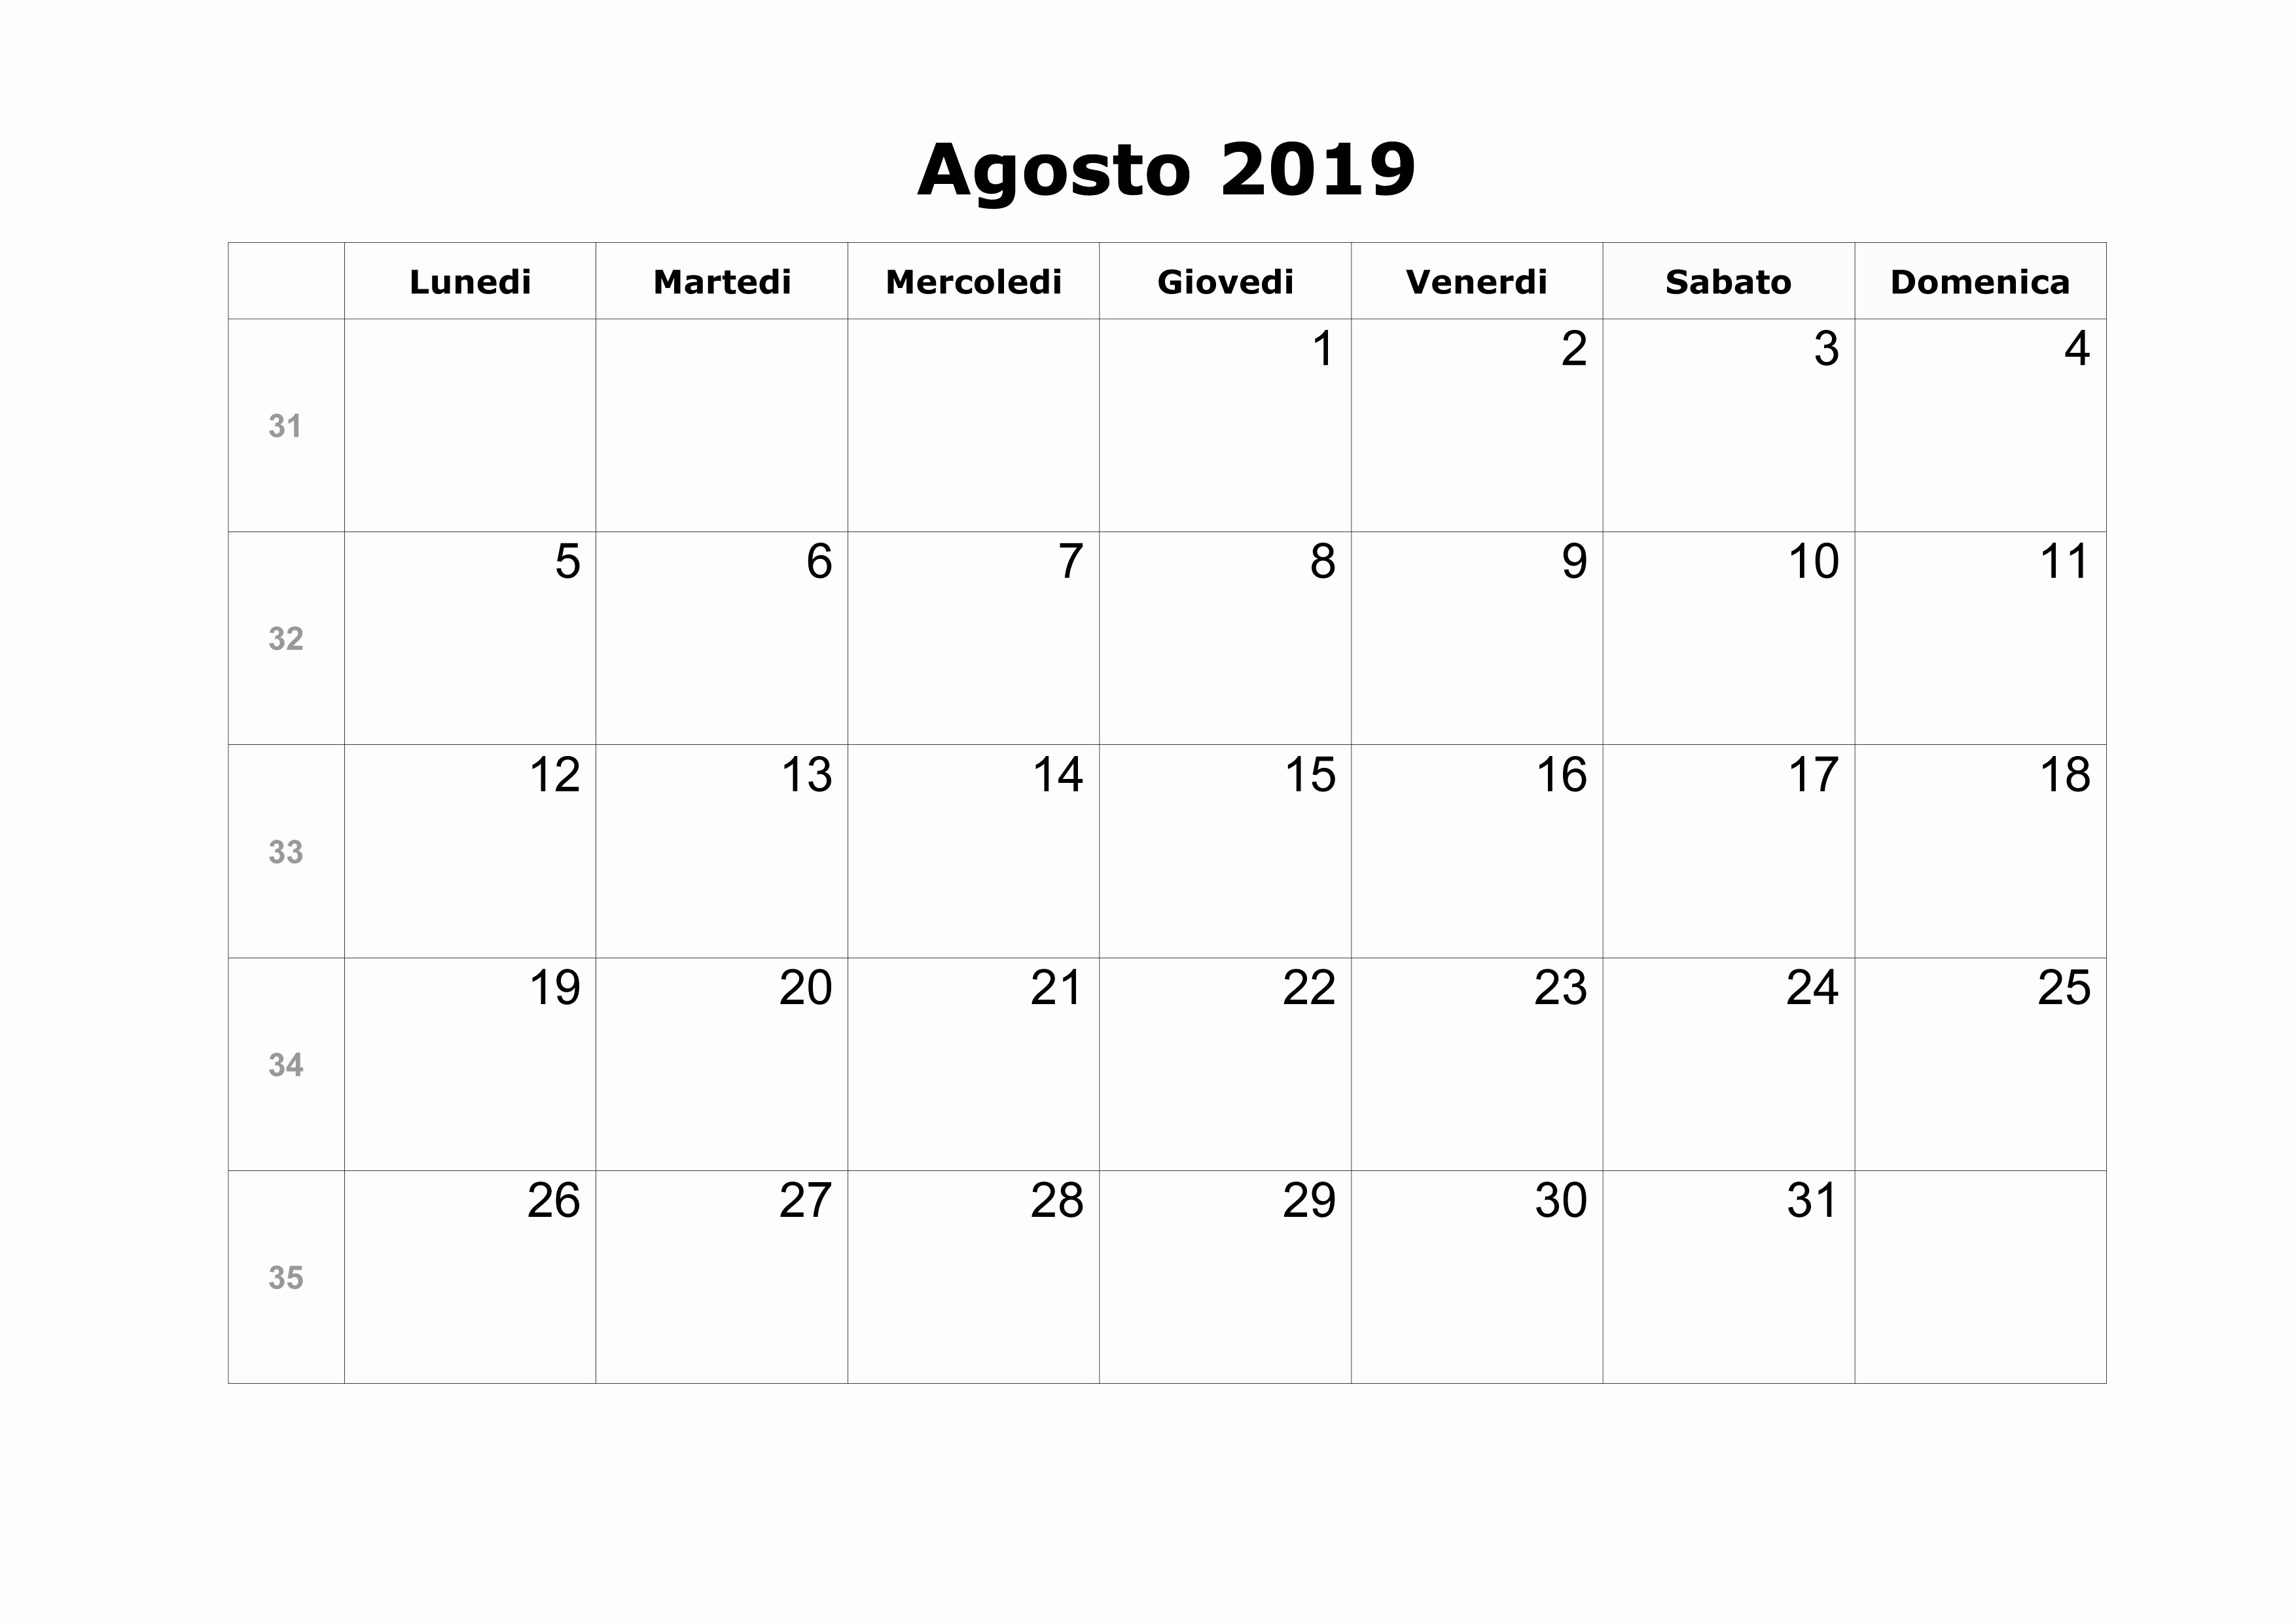 Calendario 2019 Mes Agosto Más Recientes Inspiraci³n 40 Ejemplo Agisto 2019 Of Calendario 2019 Mes Agosto Más Recientemente Liberado Fabricaci³n De Webradio Radio Por Internet Con Esp8266 El Blog De